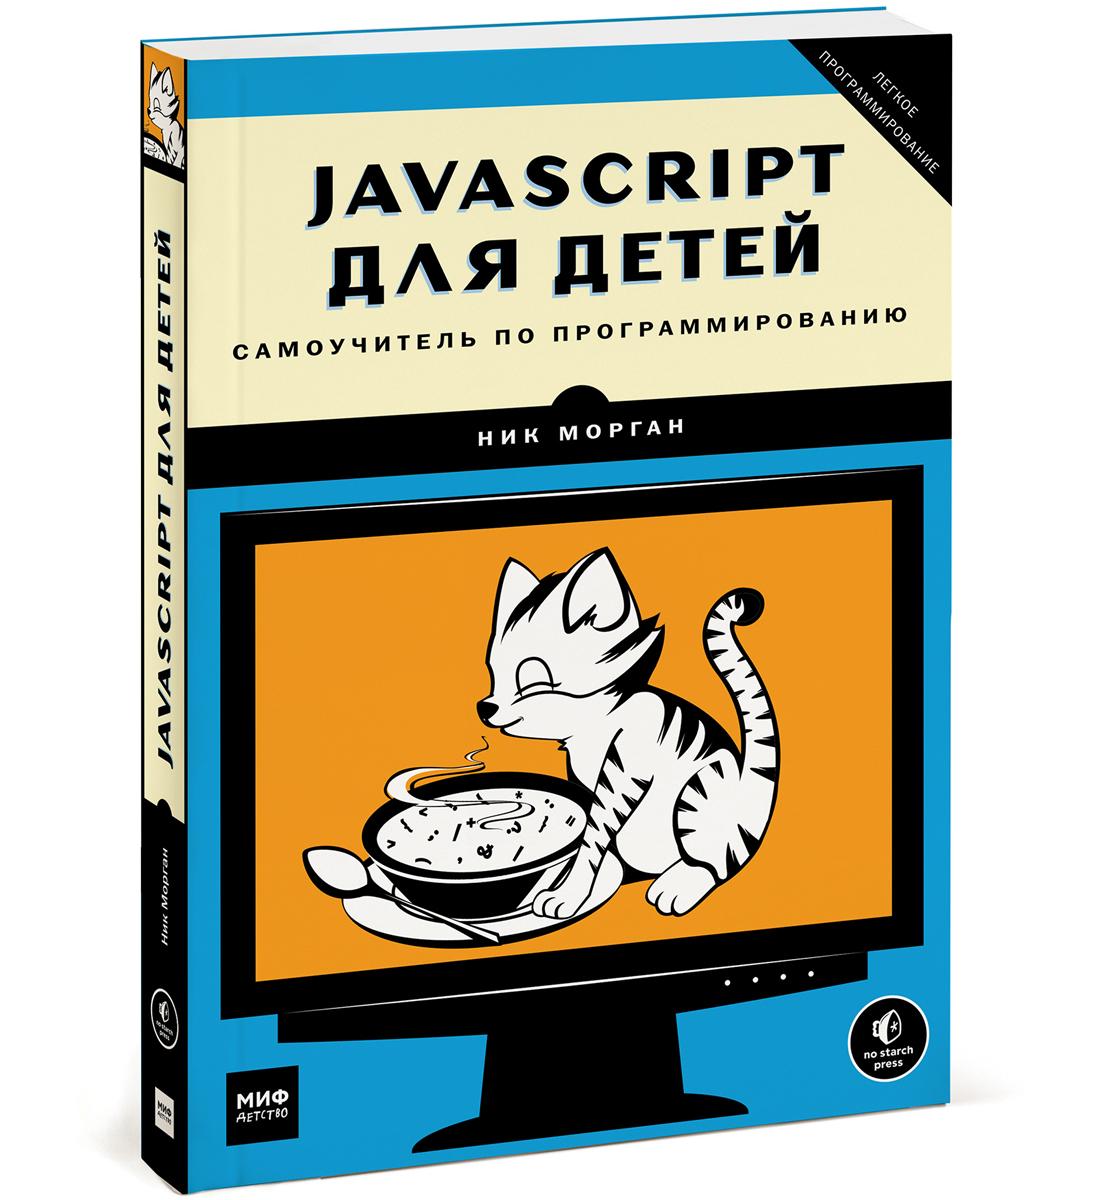 Ник Морган JavaScript для детей. Самоучитель по программированию